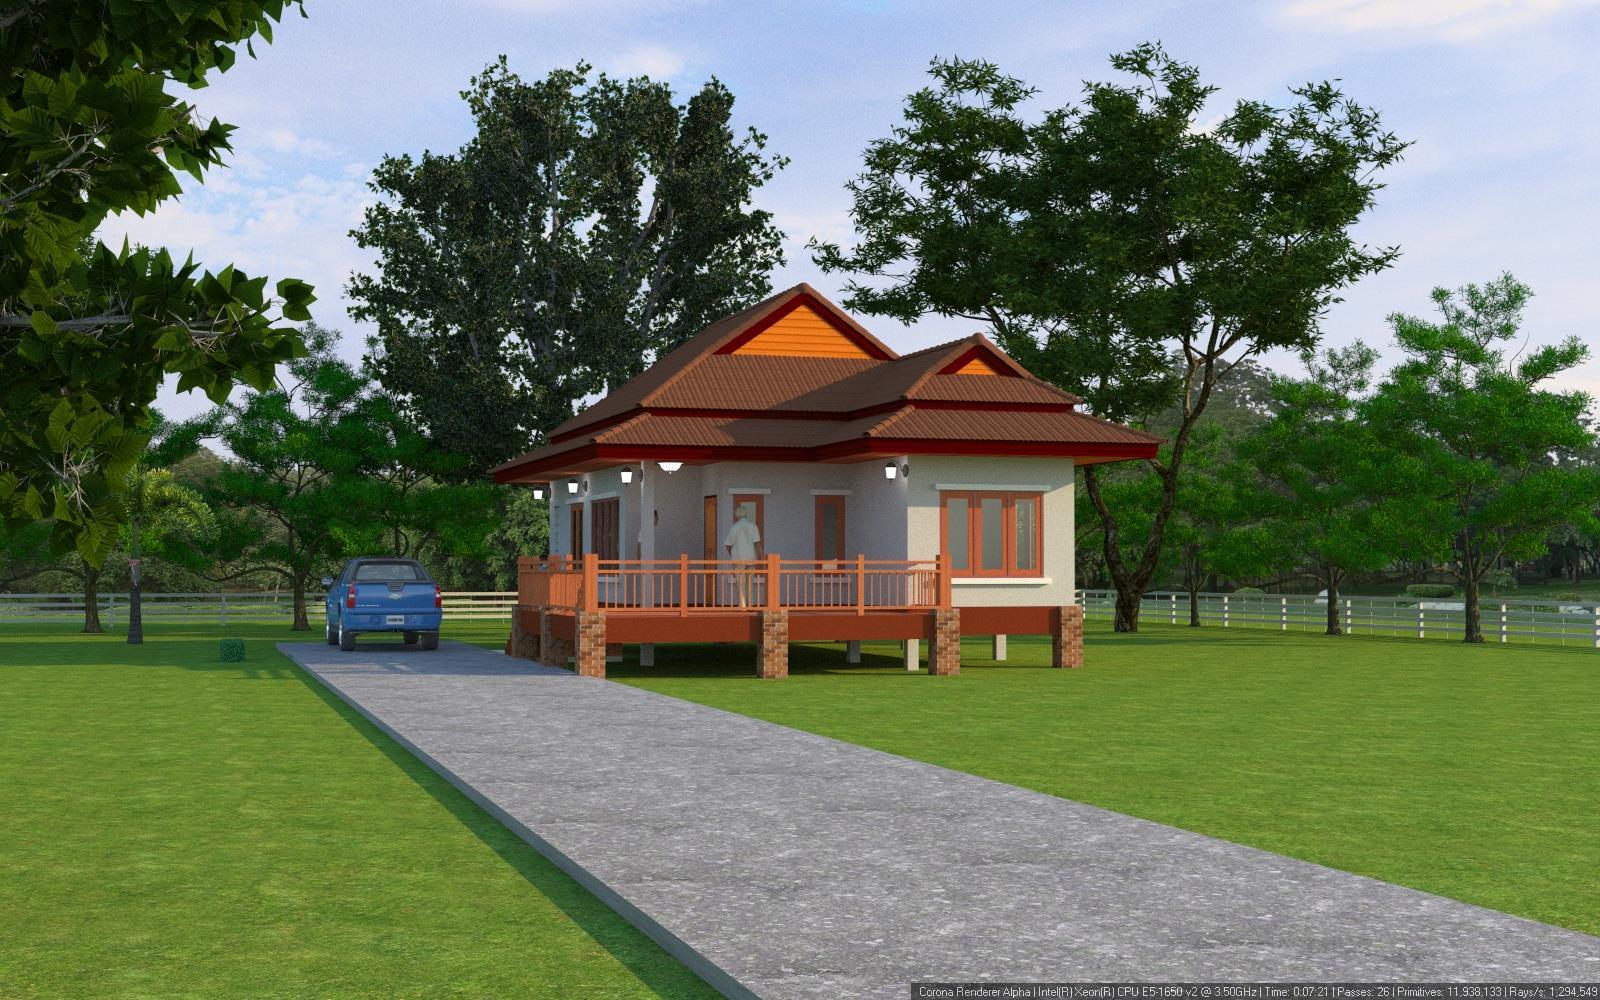 แบบบ้านชั้นเดี่ยวแบบบ้านบ้านเกษตรมีสุข BluePrint-0107